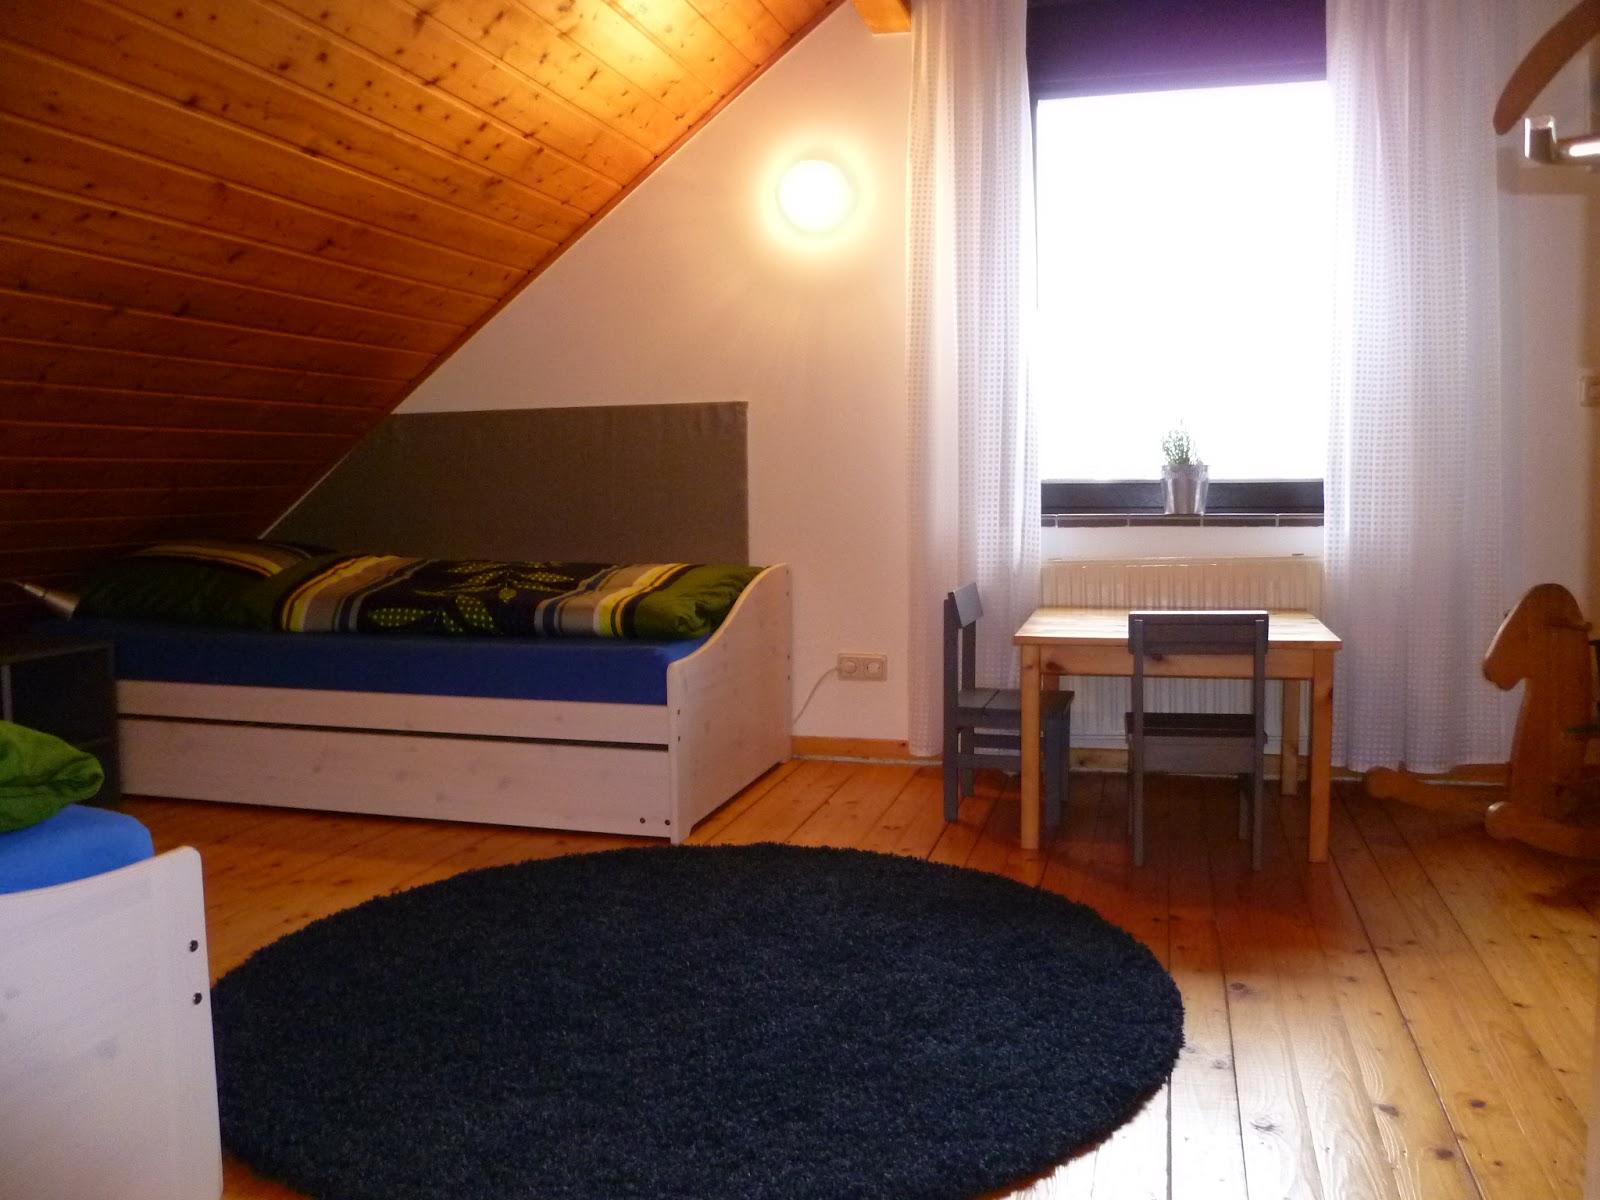 flinterhaus in hooksiel schlafzimmer und bad im obergescho. Black Bedroom Furniture Sets. Home Design Ideas